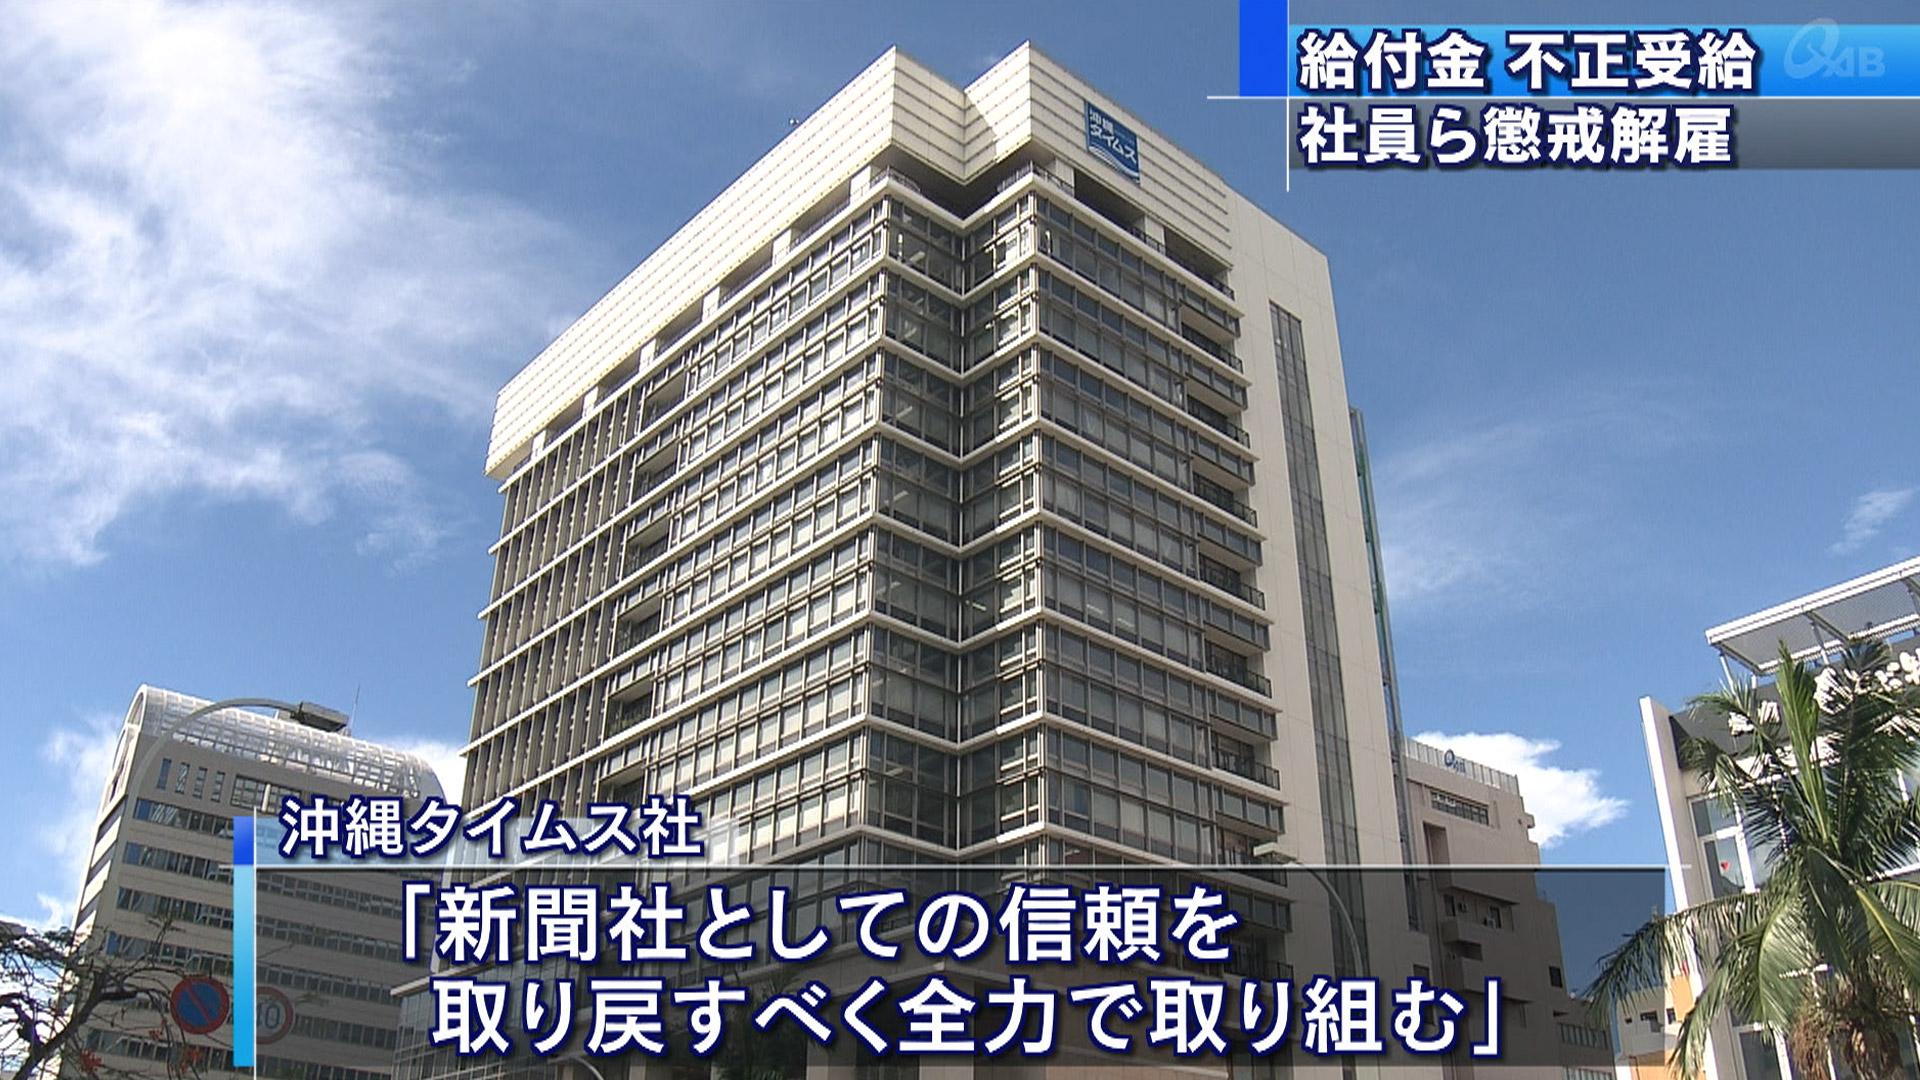 沖縄タイムス 社員を懲戒解雇